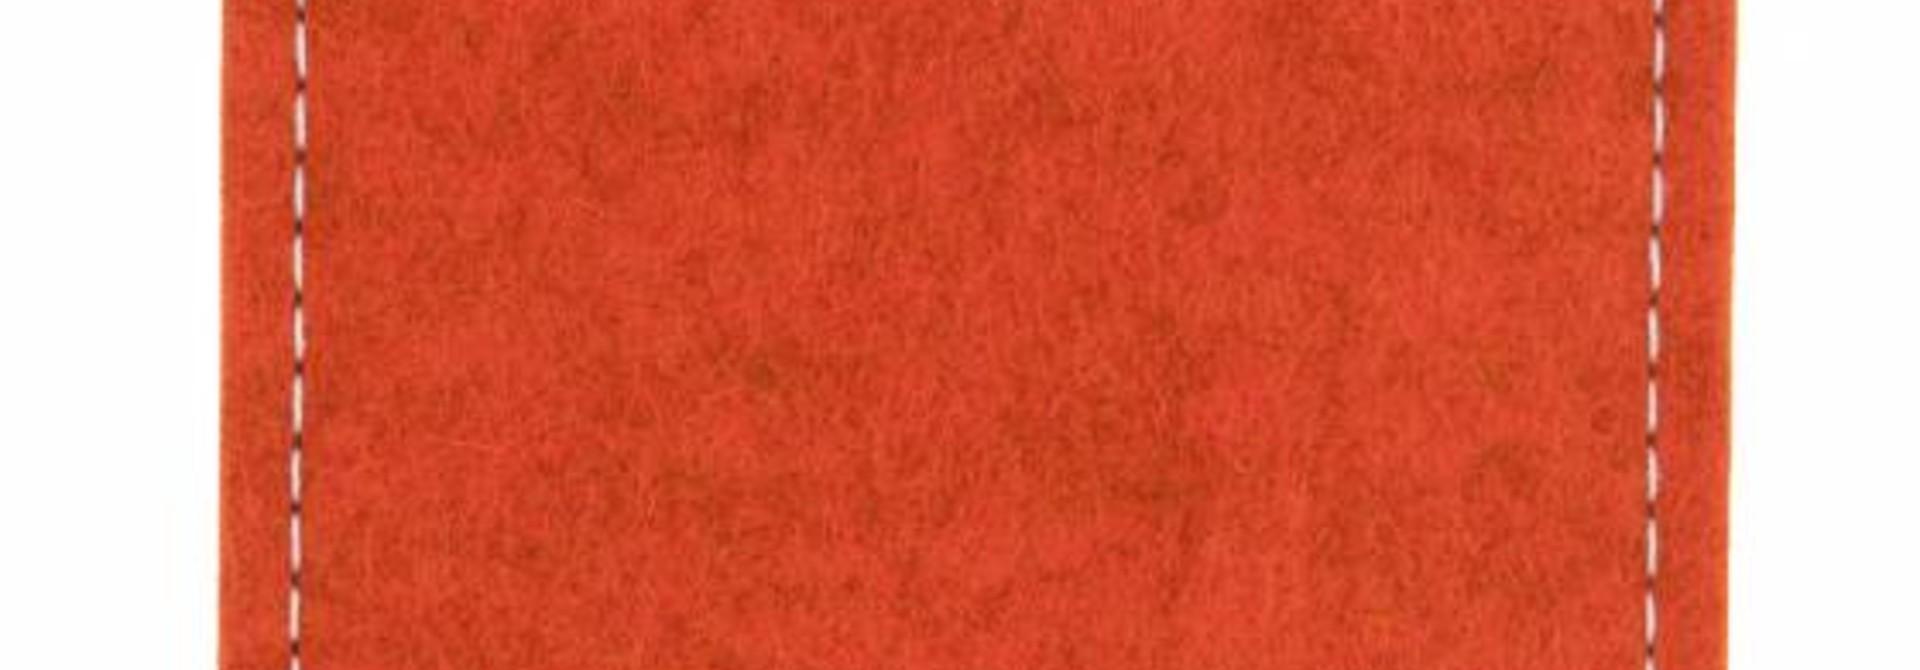 Pixel Sleeve Rust